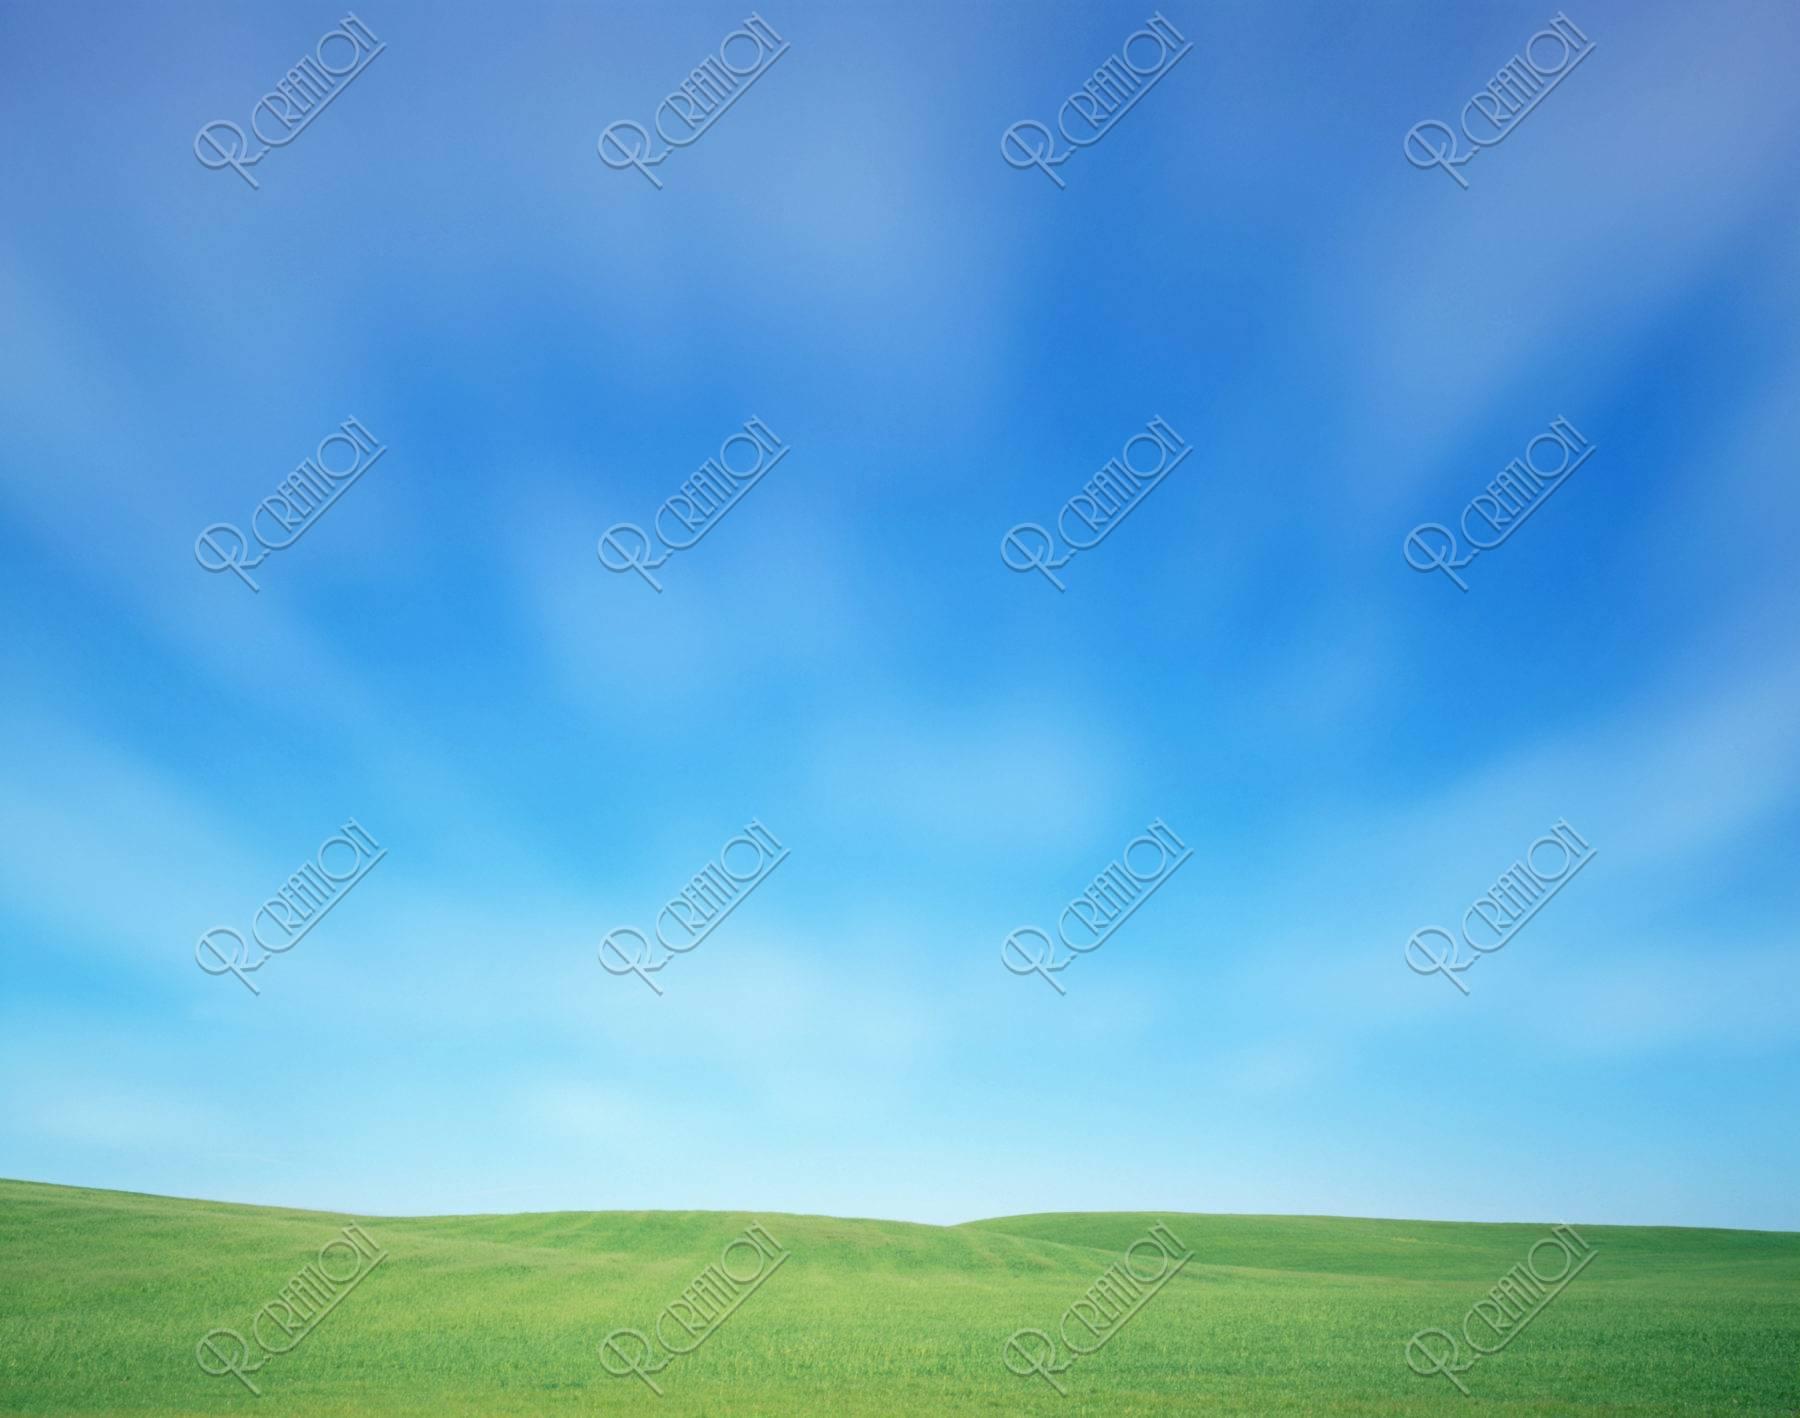 丘と空のイメージ CG